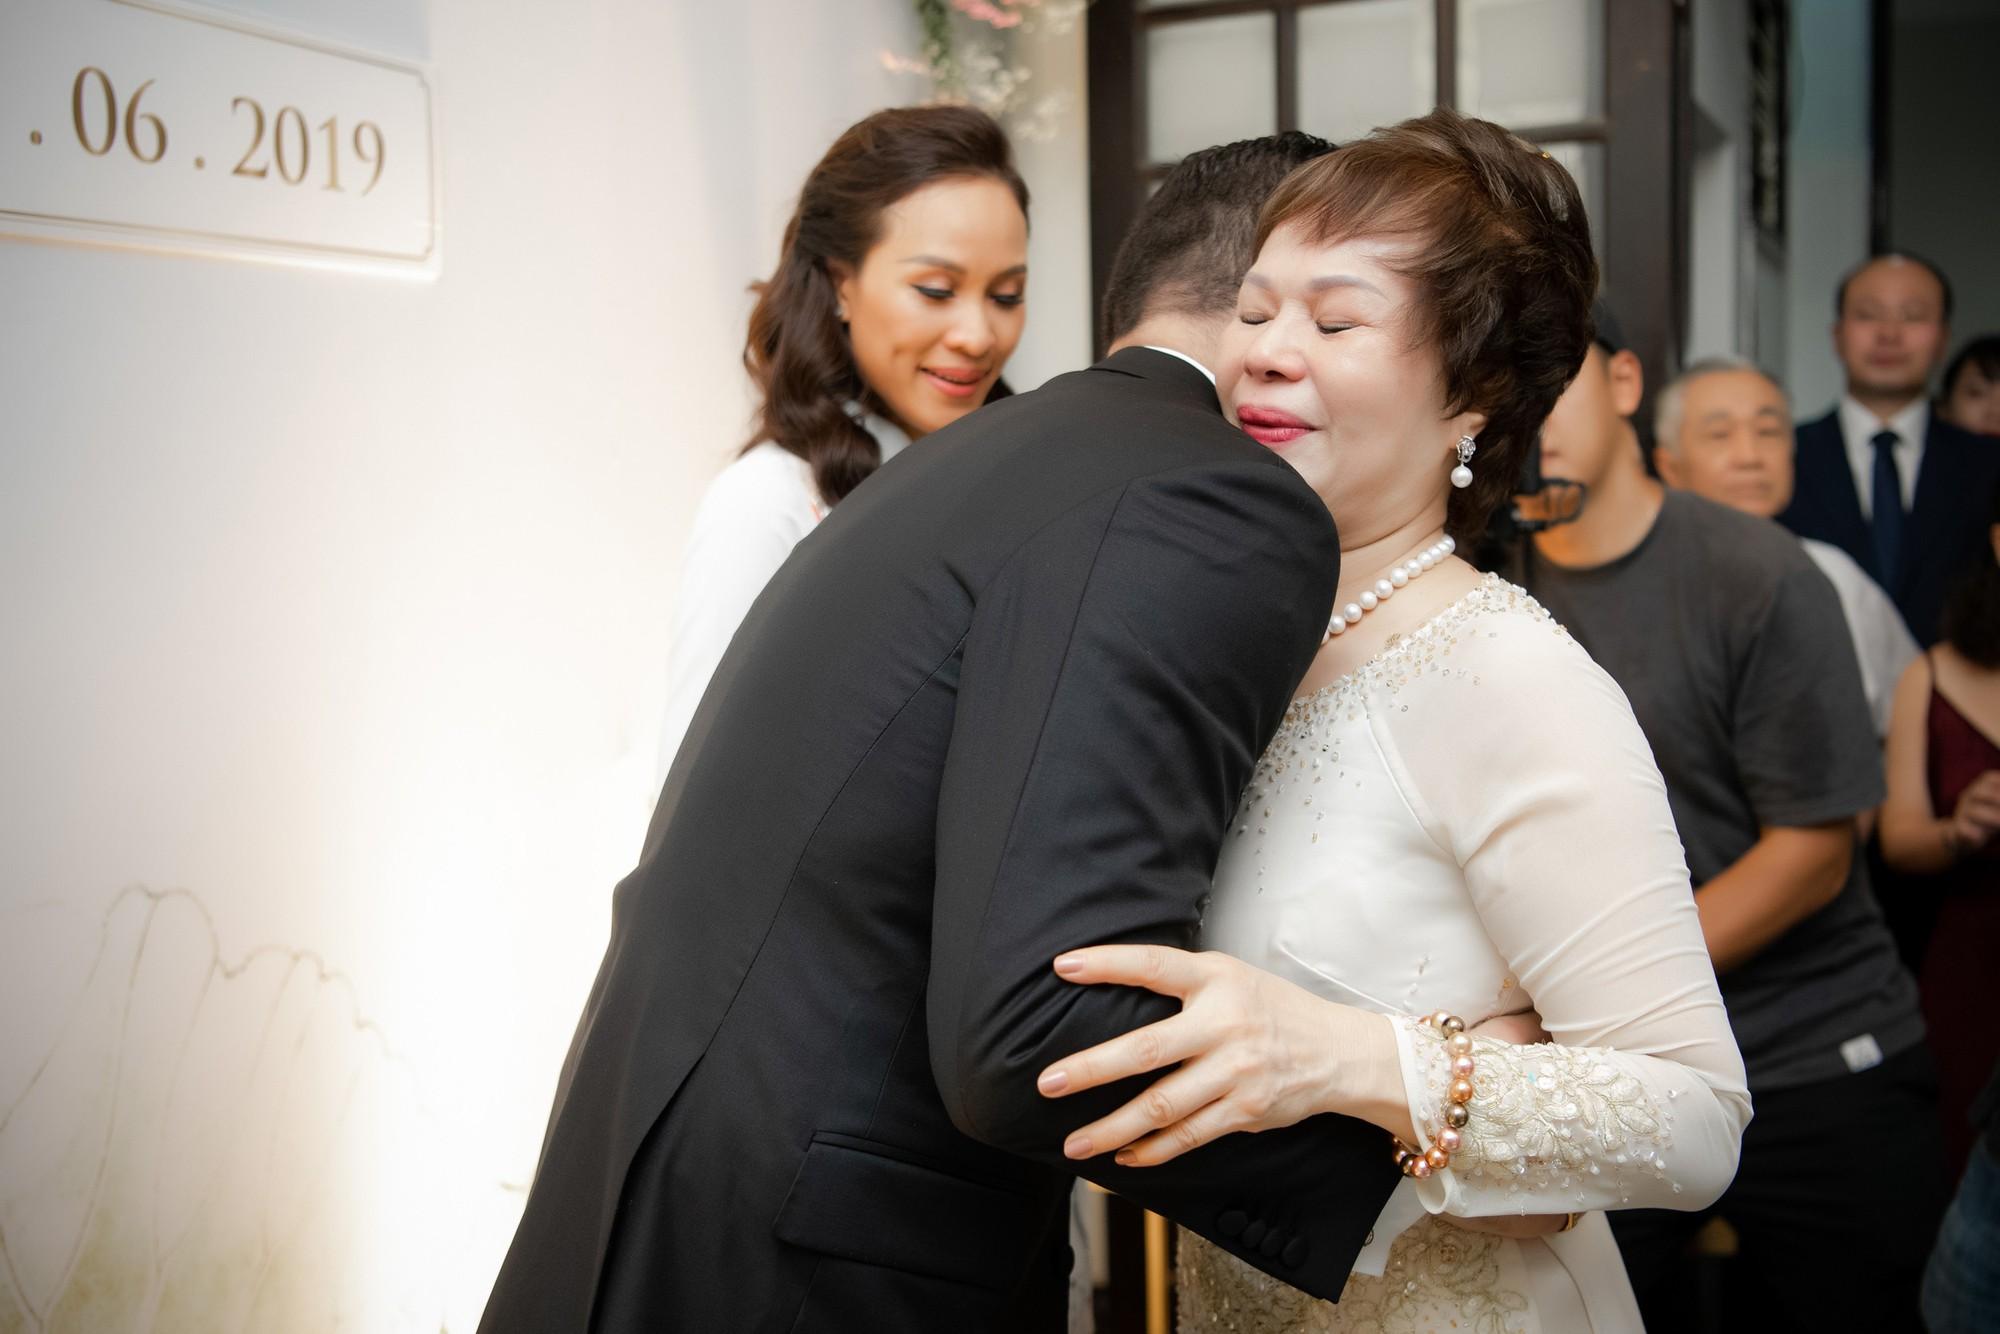 Toàn cảnh lễ đón dâu tại nhà phố cổ của siêu mẫu Phương Mai: Chú rể xuất hiện cùng đoàn xe sang, cô dâu òa khóc ôm chặt mẹ ruột-11